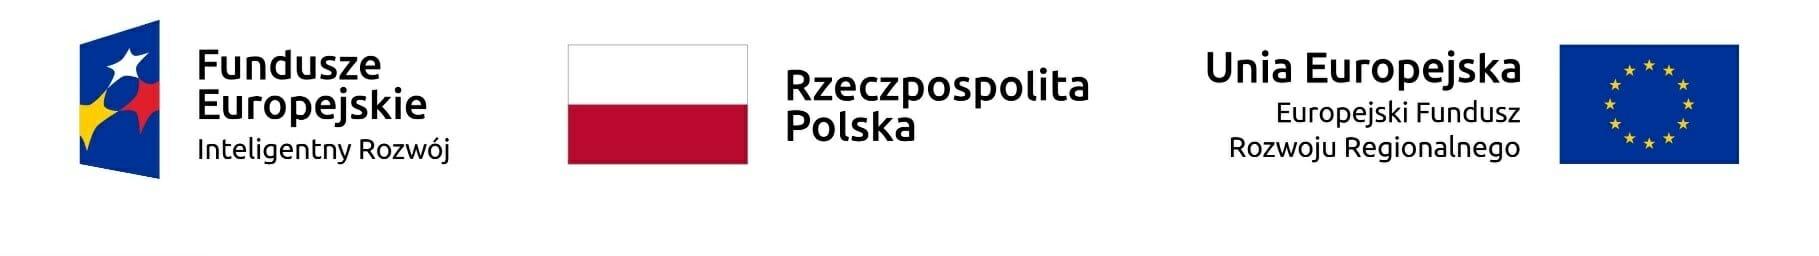 Projekt dofinansowany z Funduszy Europejskich Innowacje